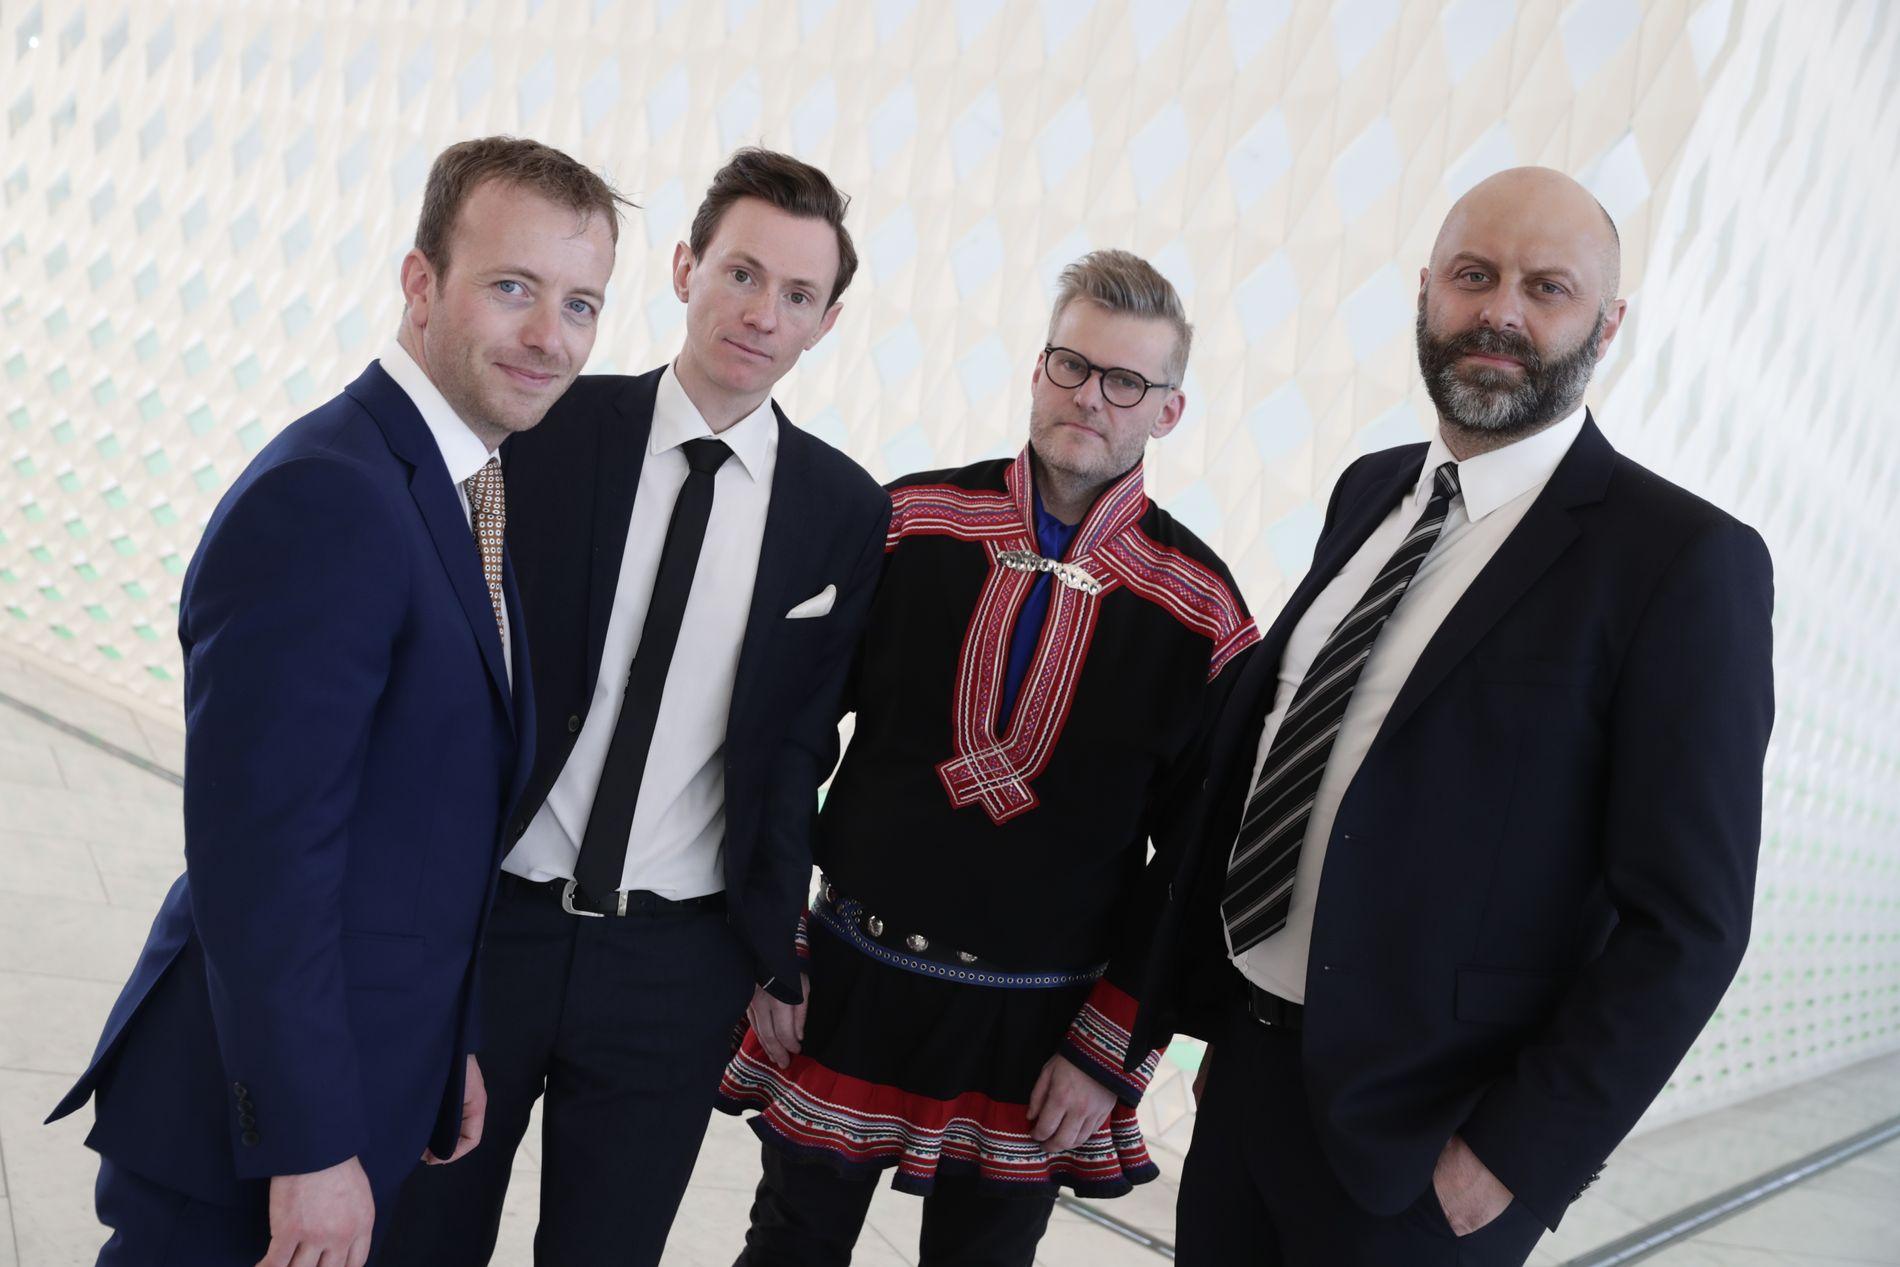 FIKK PRIS: Harald Amdal, Eirik Linaker Berglund, Kenneth Hætta og Thor Harald Henriksen fikk onsdag kveld Fritt Ords pris for sin dekning av Tysfjord-saken.